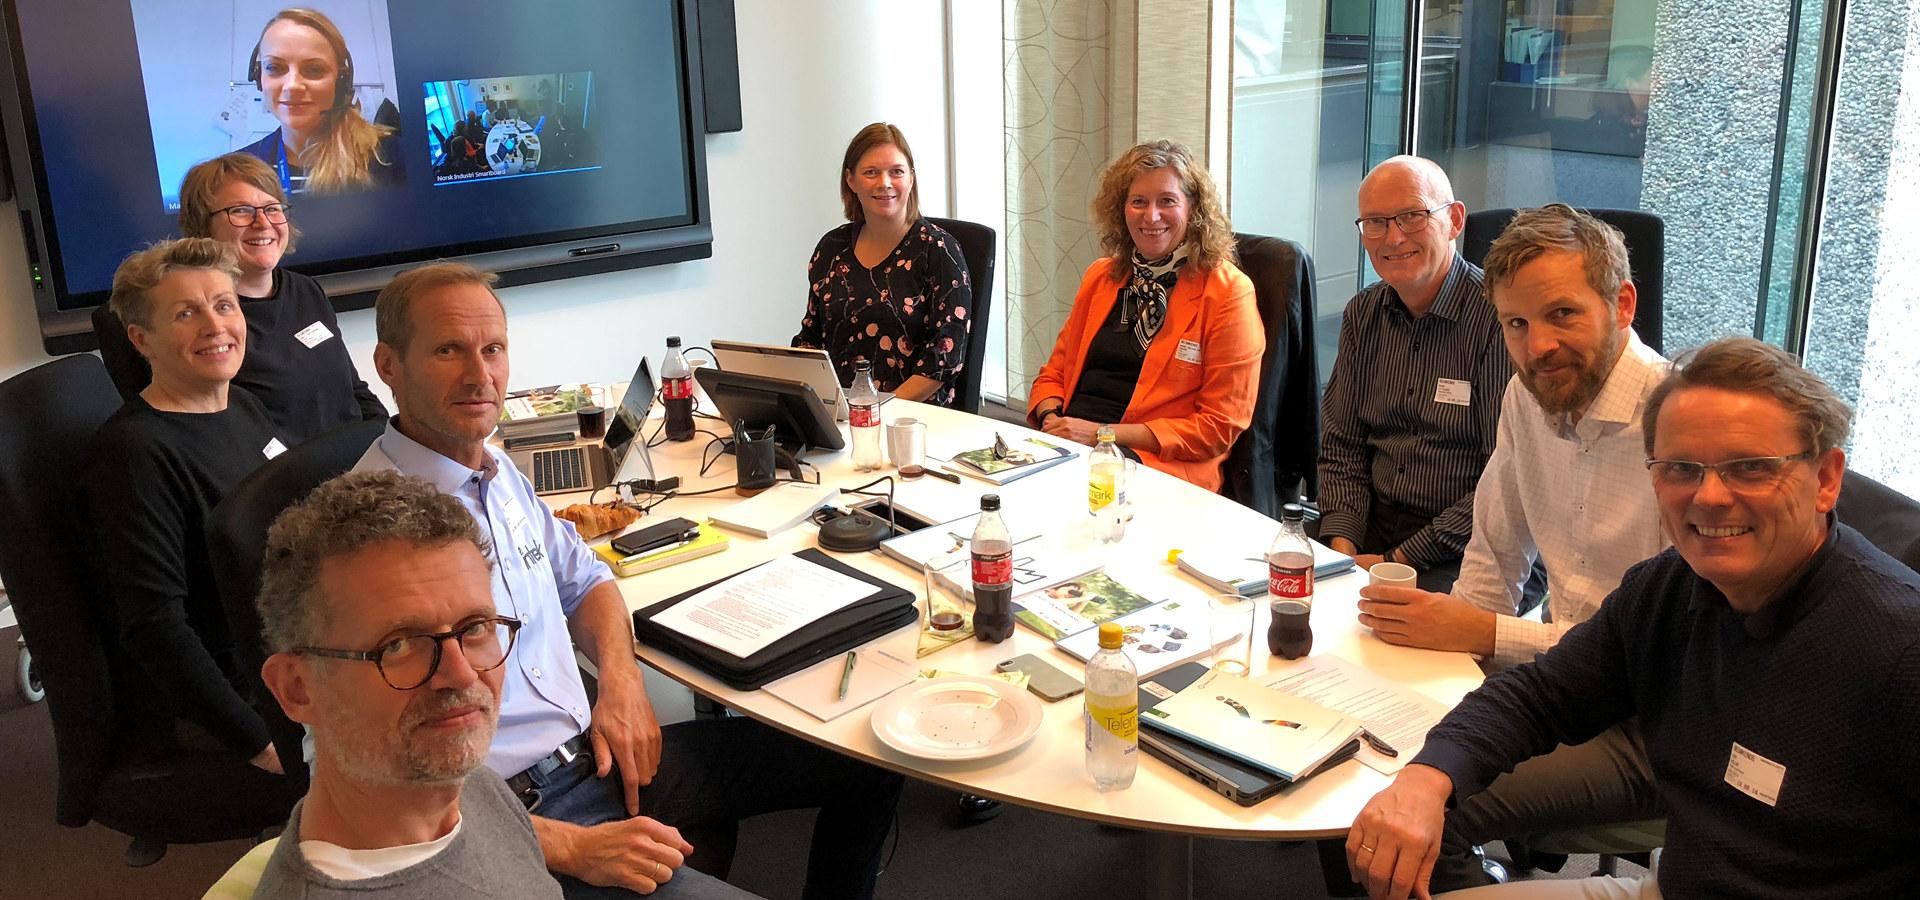 Arbeidsgruppa som skal jobbe med Veikart for kompetanse. Gruppa består av representanter fra Aibel AS, Borregaard, Brunvoll, Norsk Hydro, Intek, Kleven, Kongsberg Defence & Aerospace og Norsk Industri.